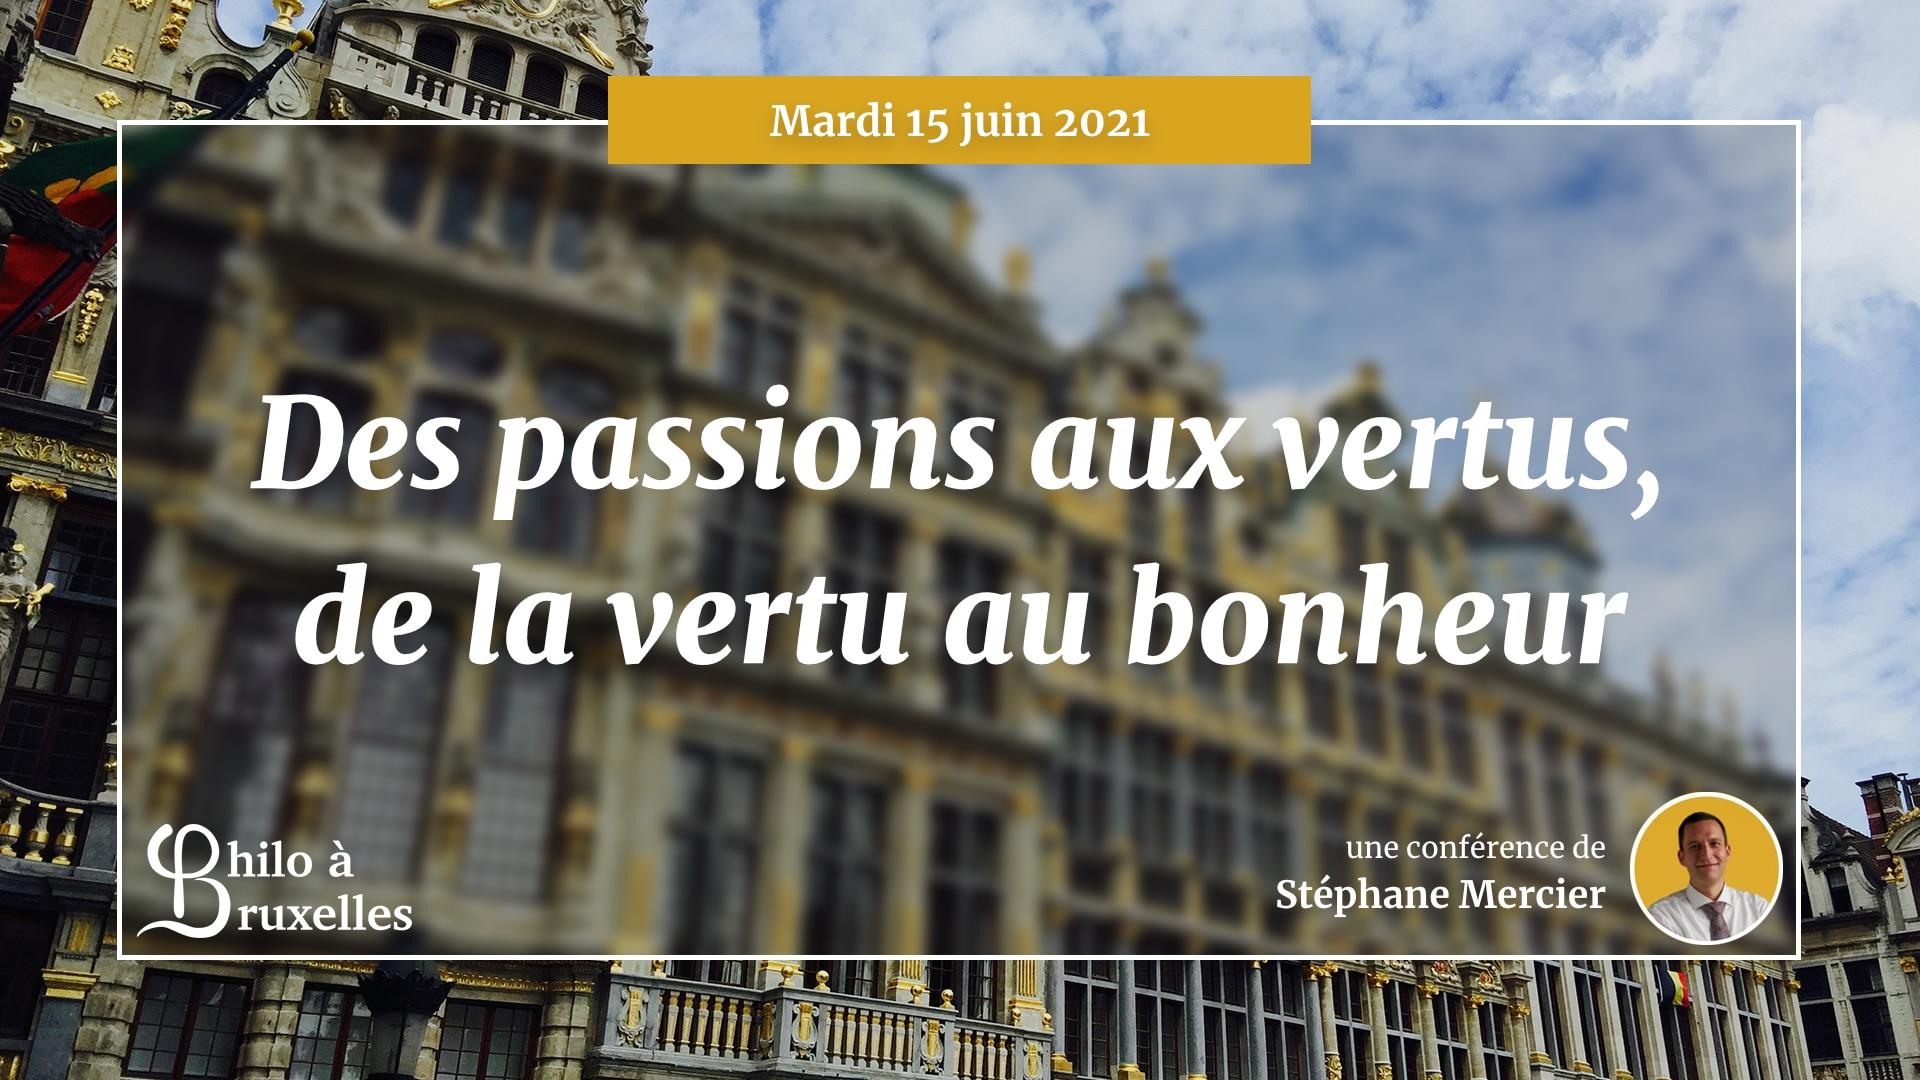 Des passions aux vertus, de la vertu au bonheur - Stéphane Mercier